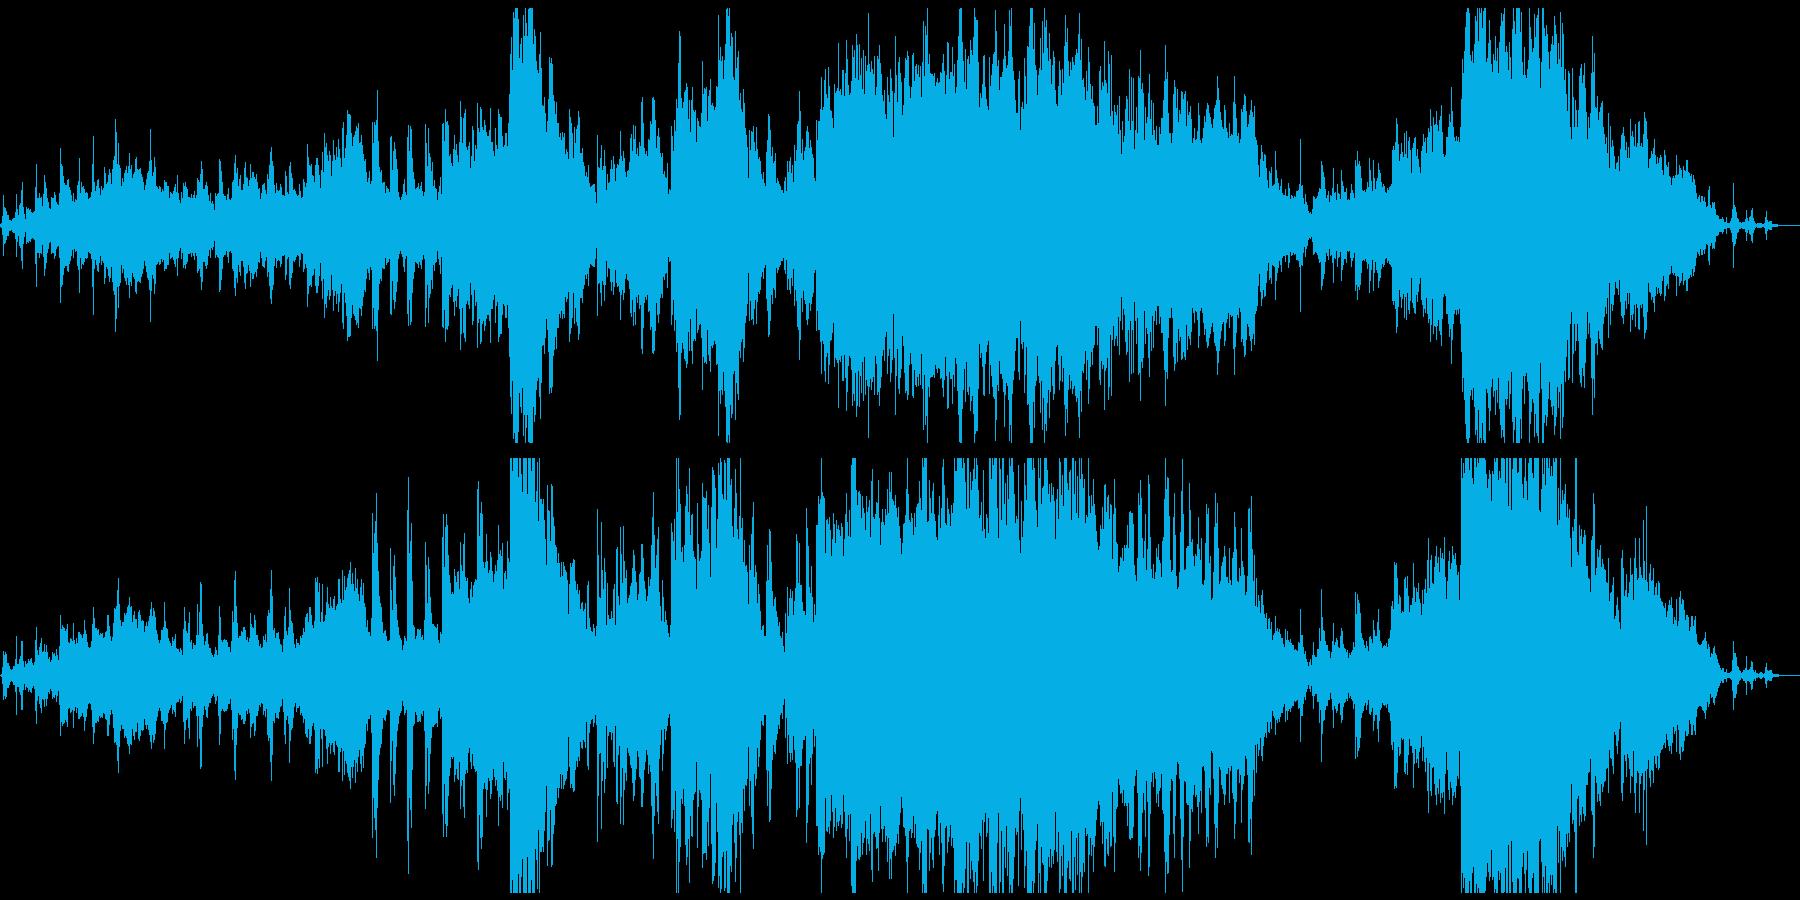 海をイメージした感動的なBGMの再生済みの波形